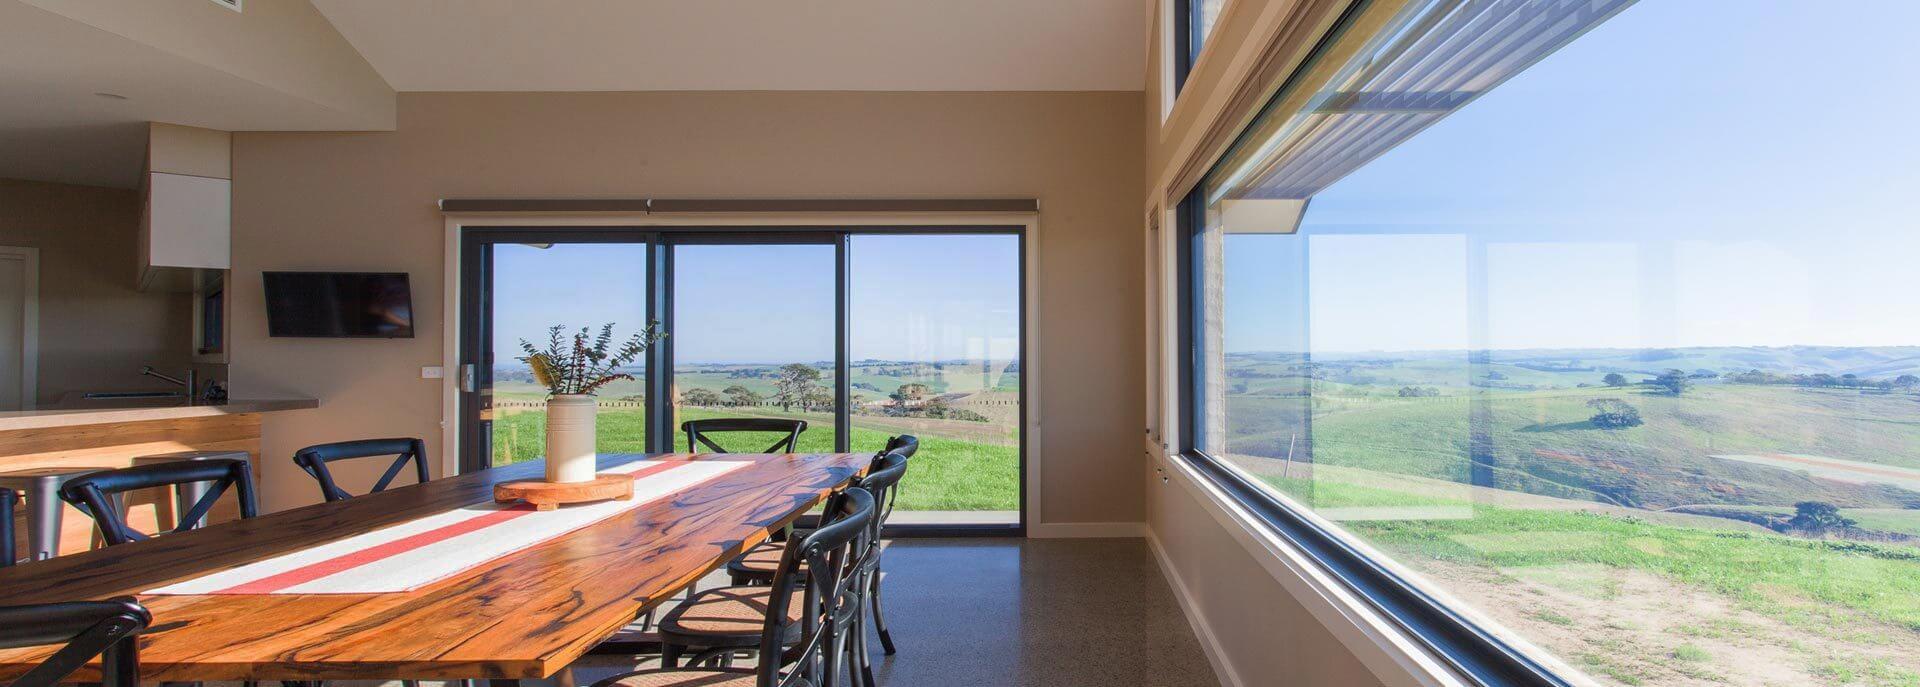 valley windows - aluminium windows melbourne